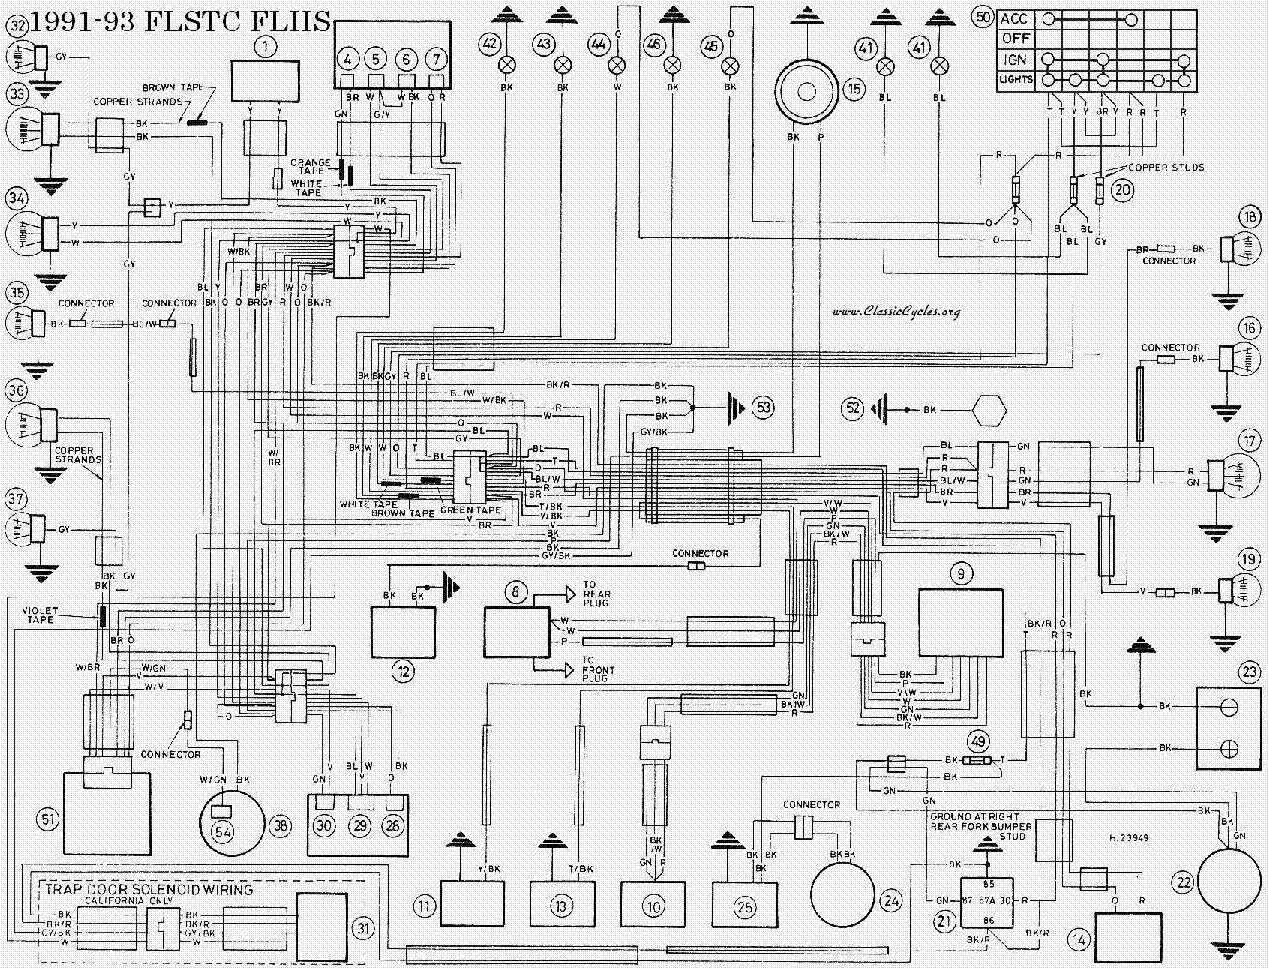 Harley Davidson Wiring Schematic